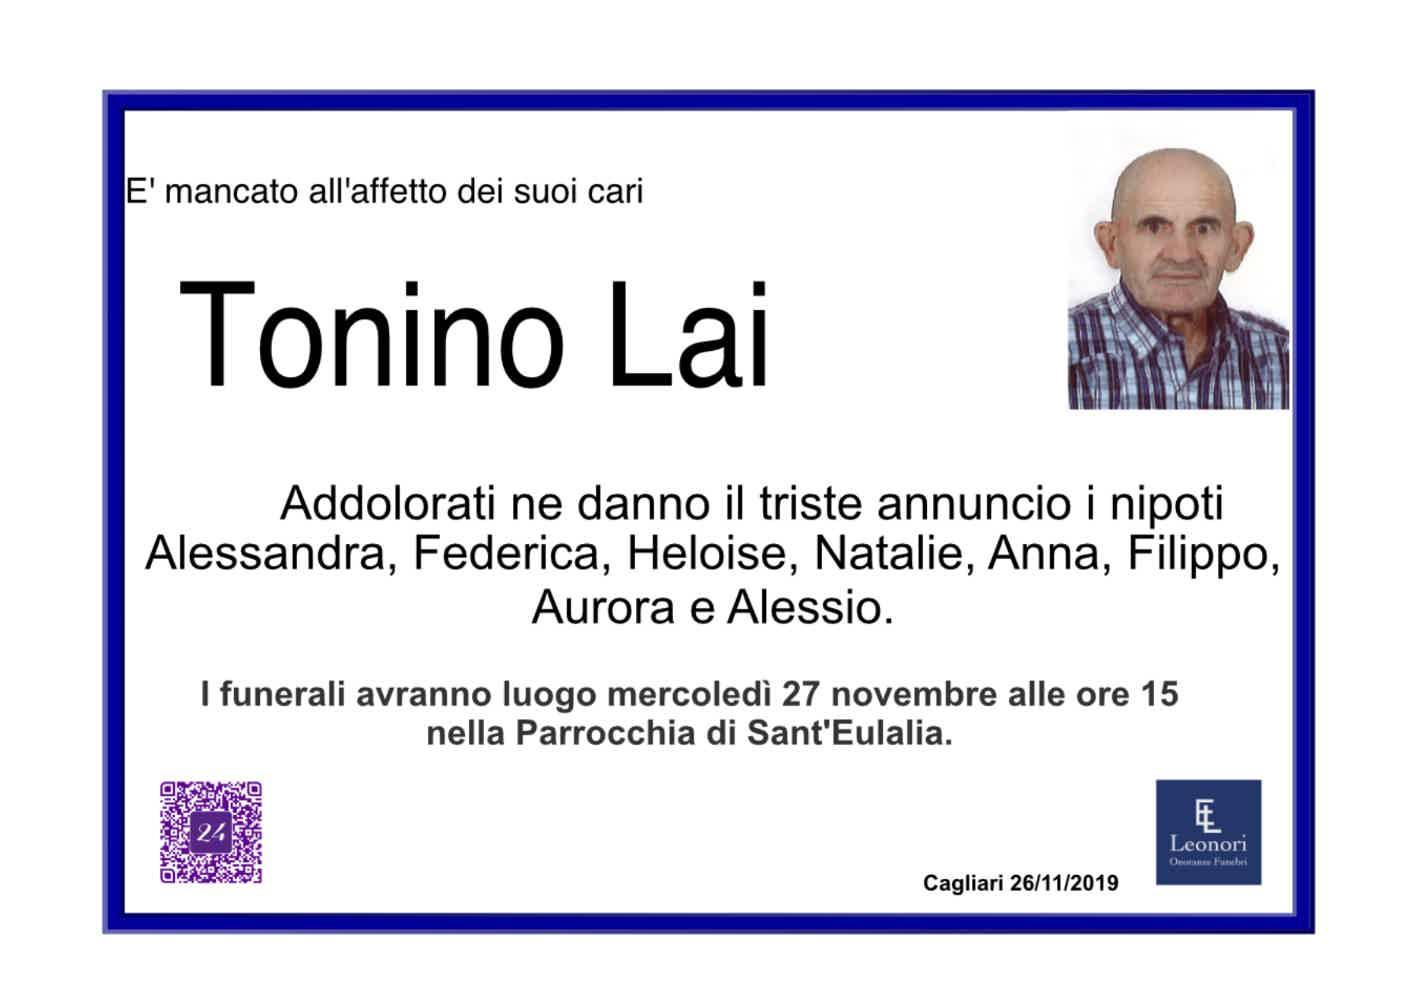 Tonino Lai